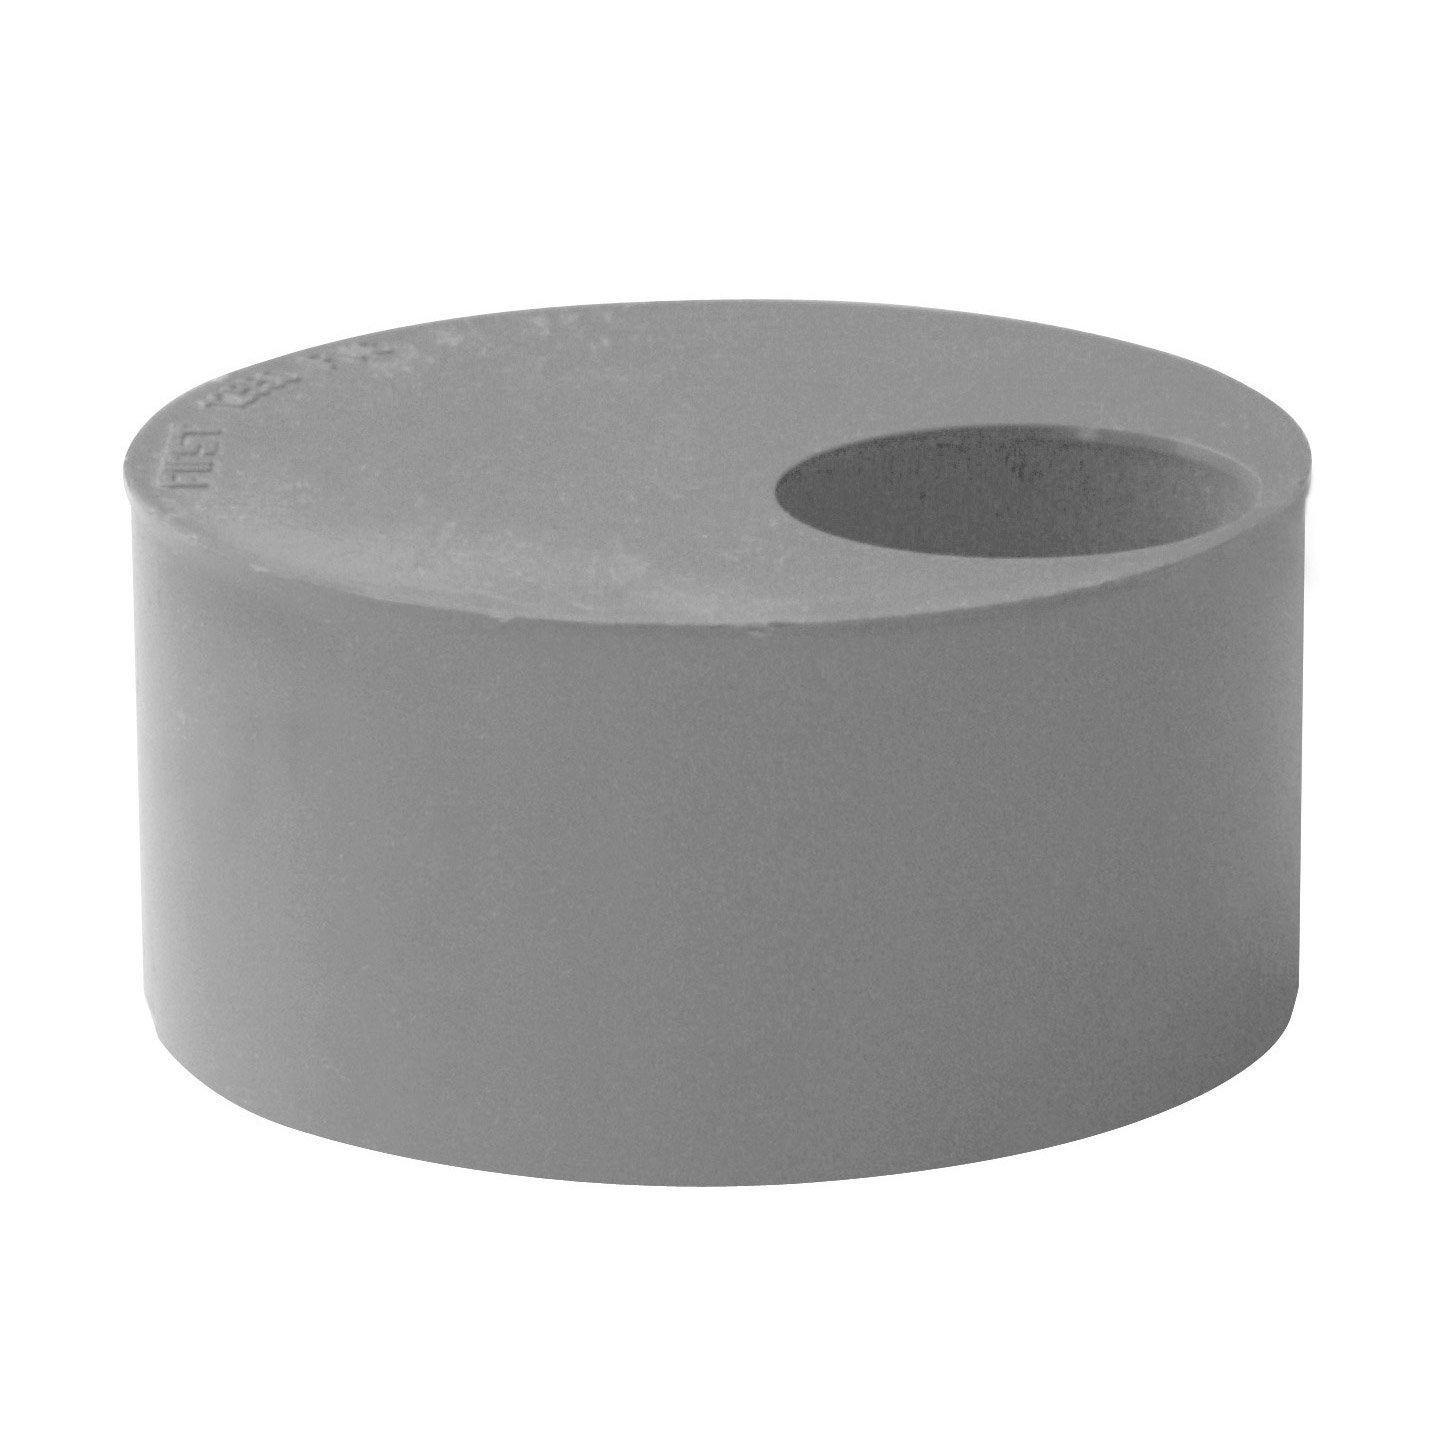 Tampon De Réduction Simple Pvc Diam8050 Mm First Plast